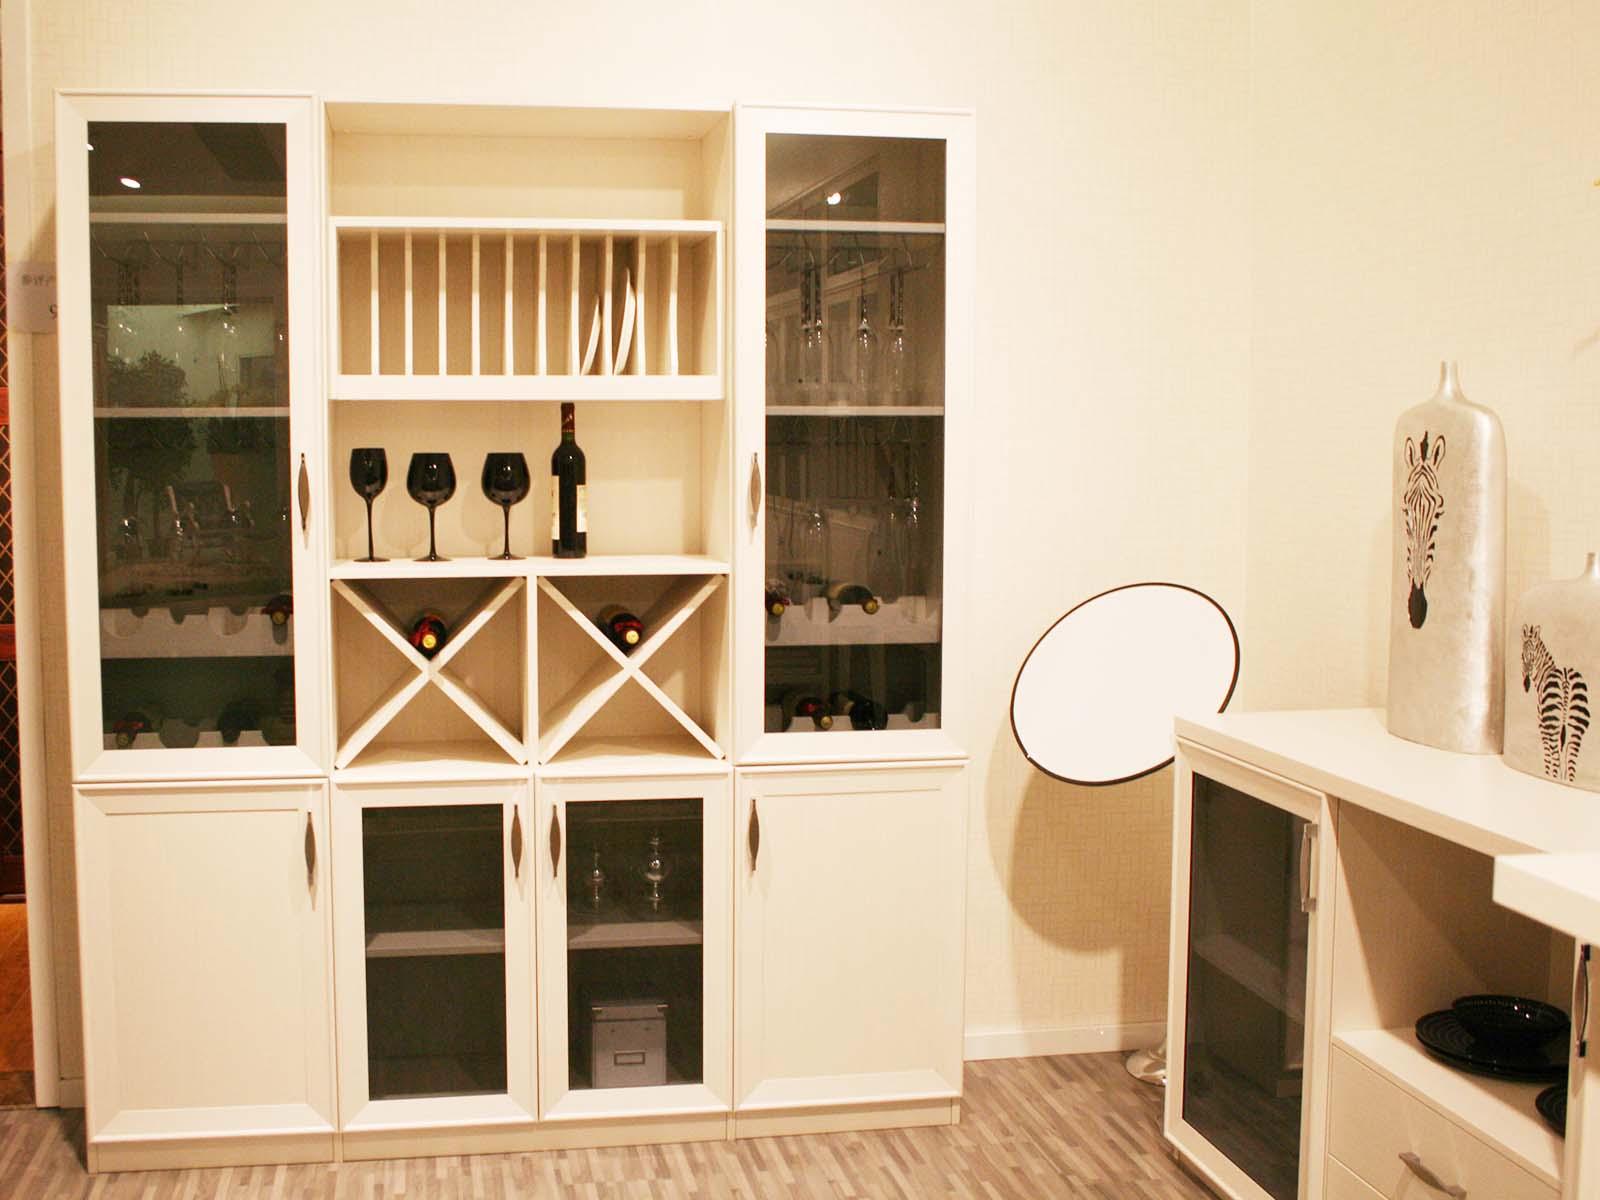 酒柜(20) - 成都定制家具厂家 成都定制衣柜 成都定制